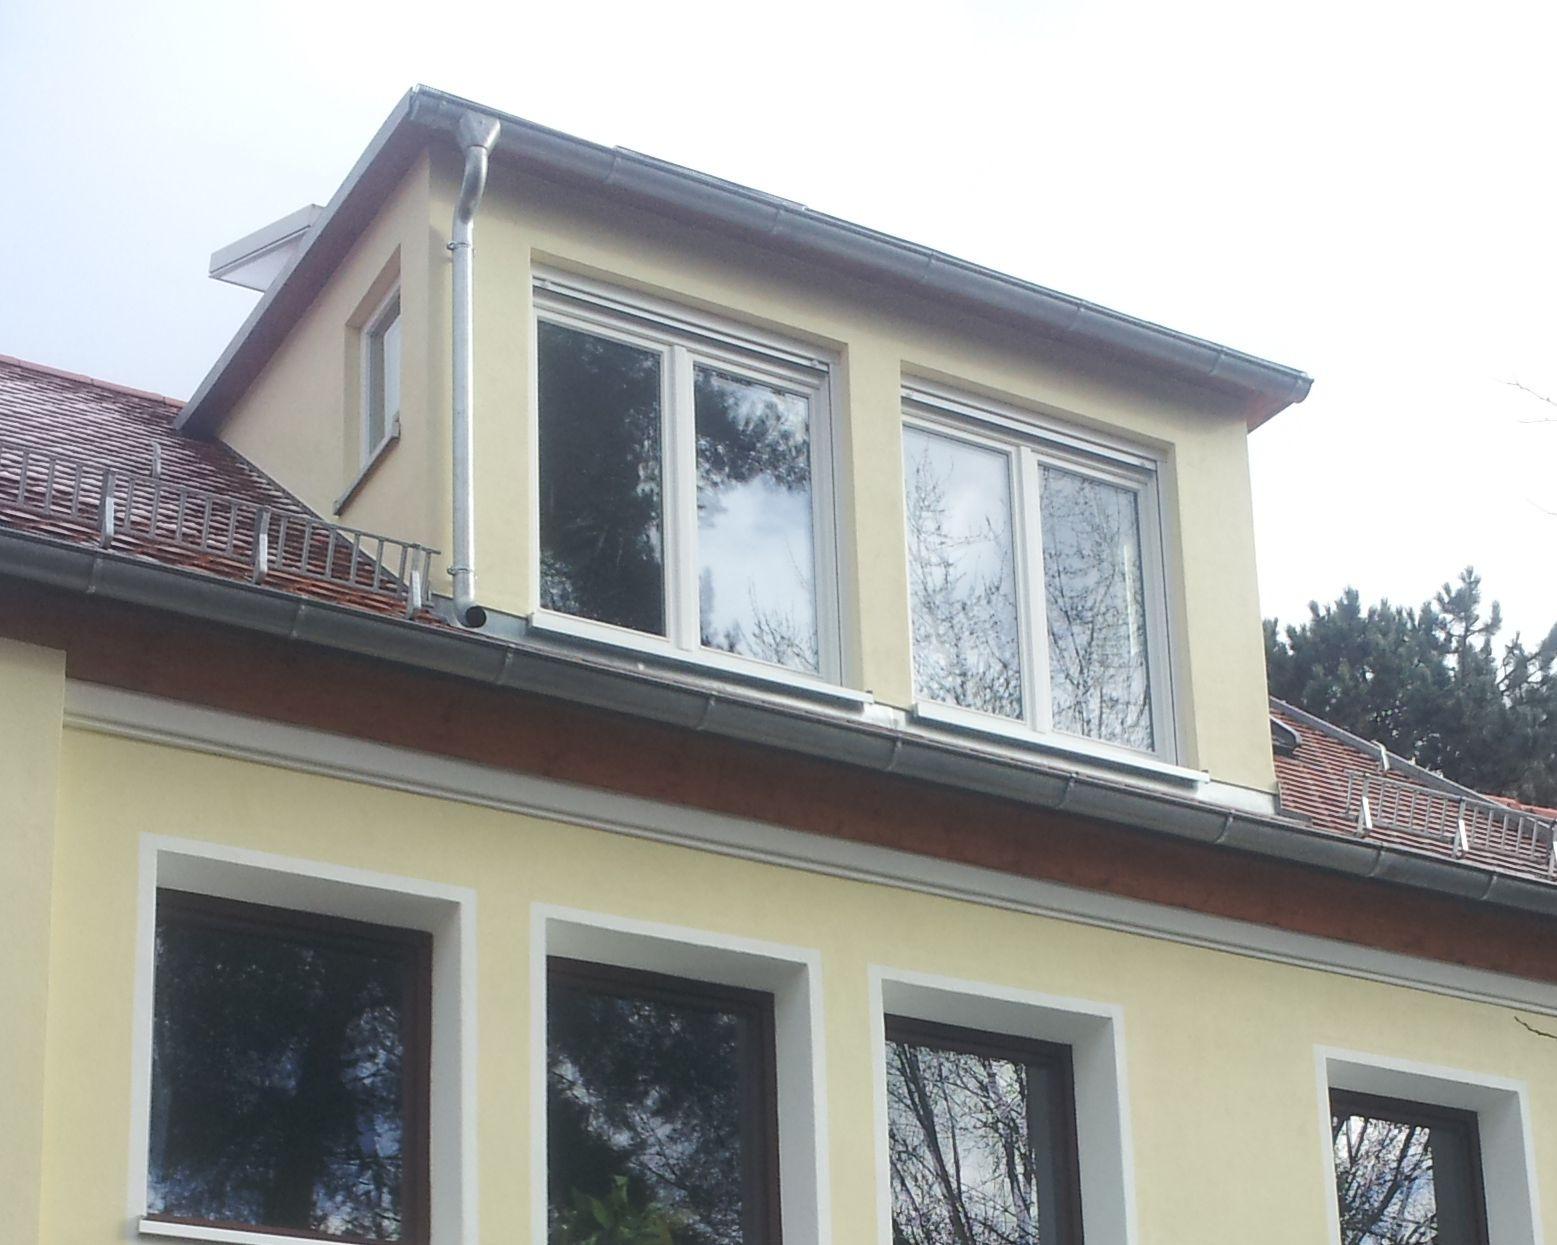 Die Gaube wurde von außen verputzt und farblich passend zum Haus gestrichen. Der unausgebaute Dachboden ist mit Hilfe der Gaube zu einem zusätzlichen Wohnraum geworden.